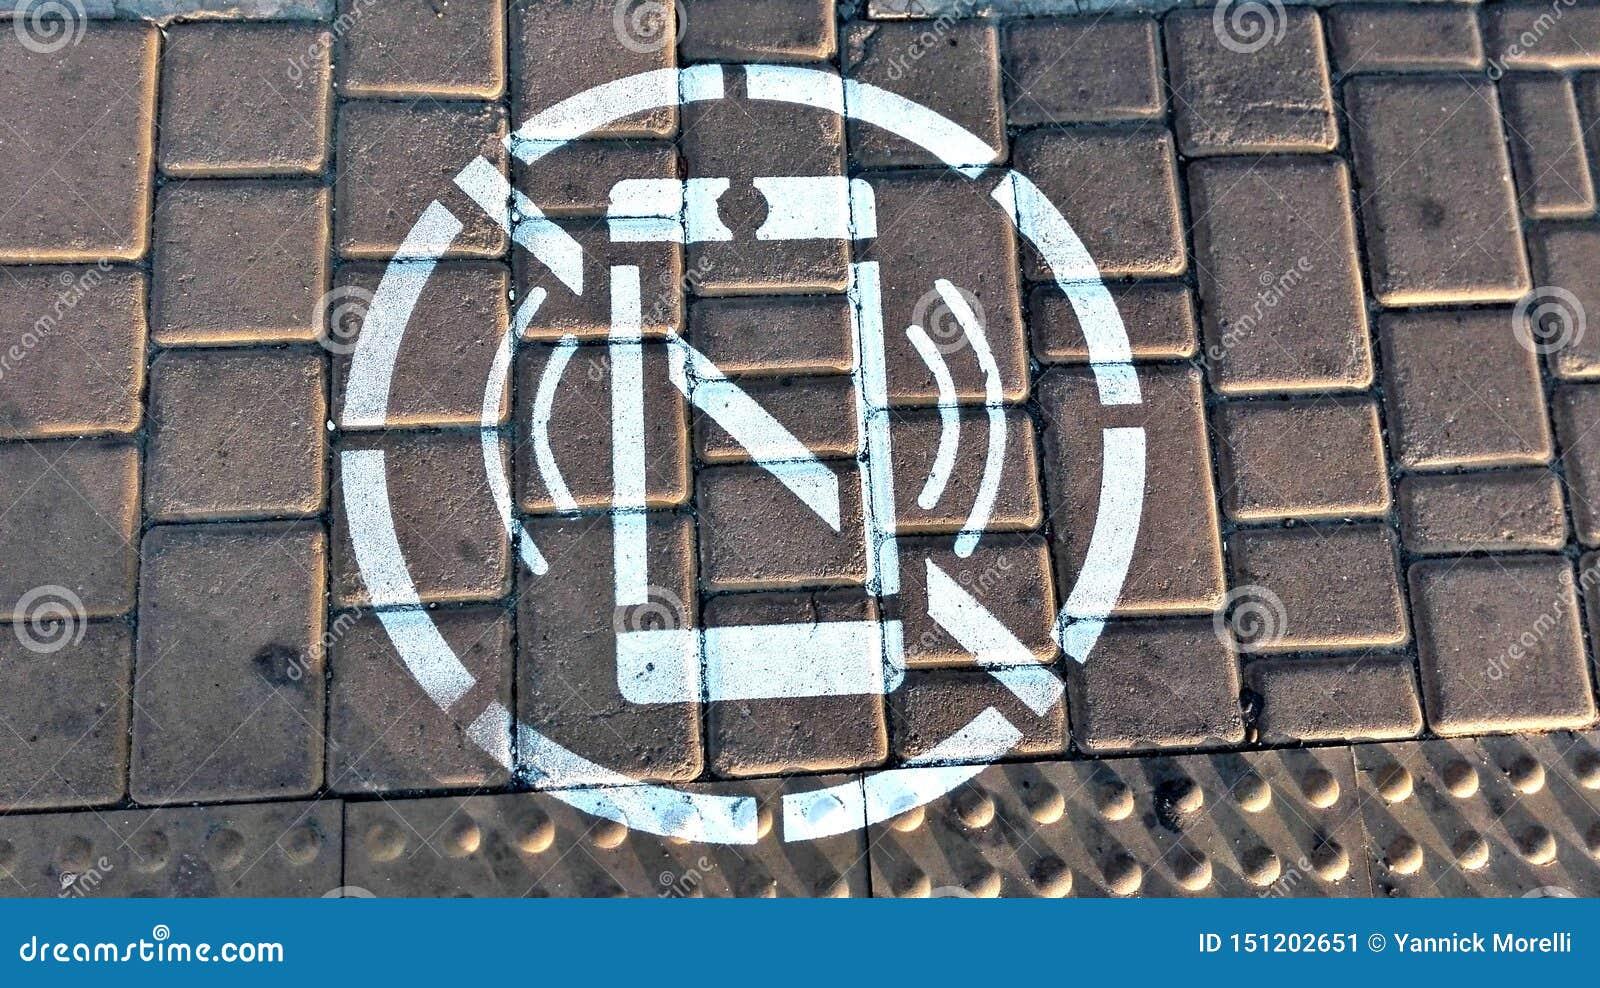 Σύμβολο της απαγόρευσης για να εξετάσει το κινητό τηλέφωνο, διασχίζοντας το δρόμο